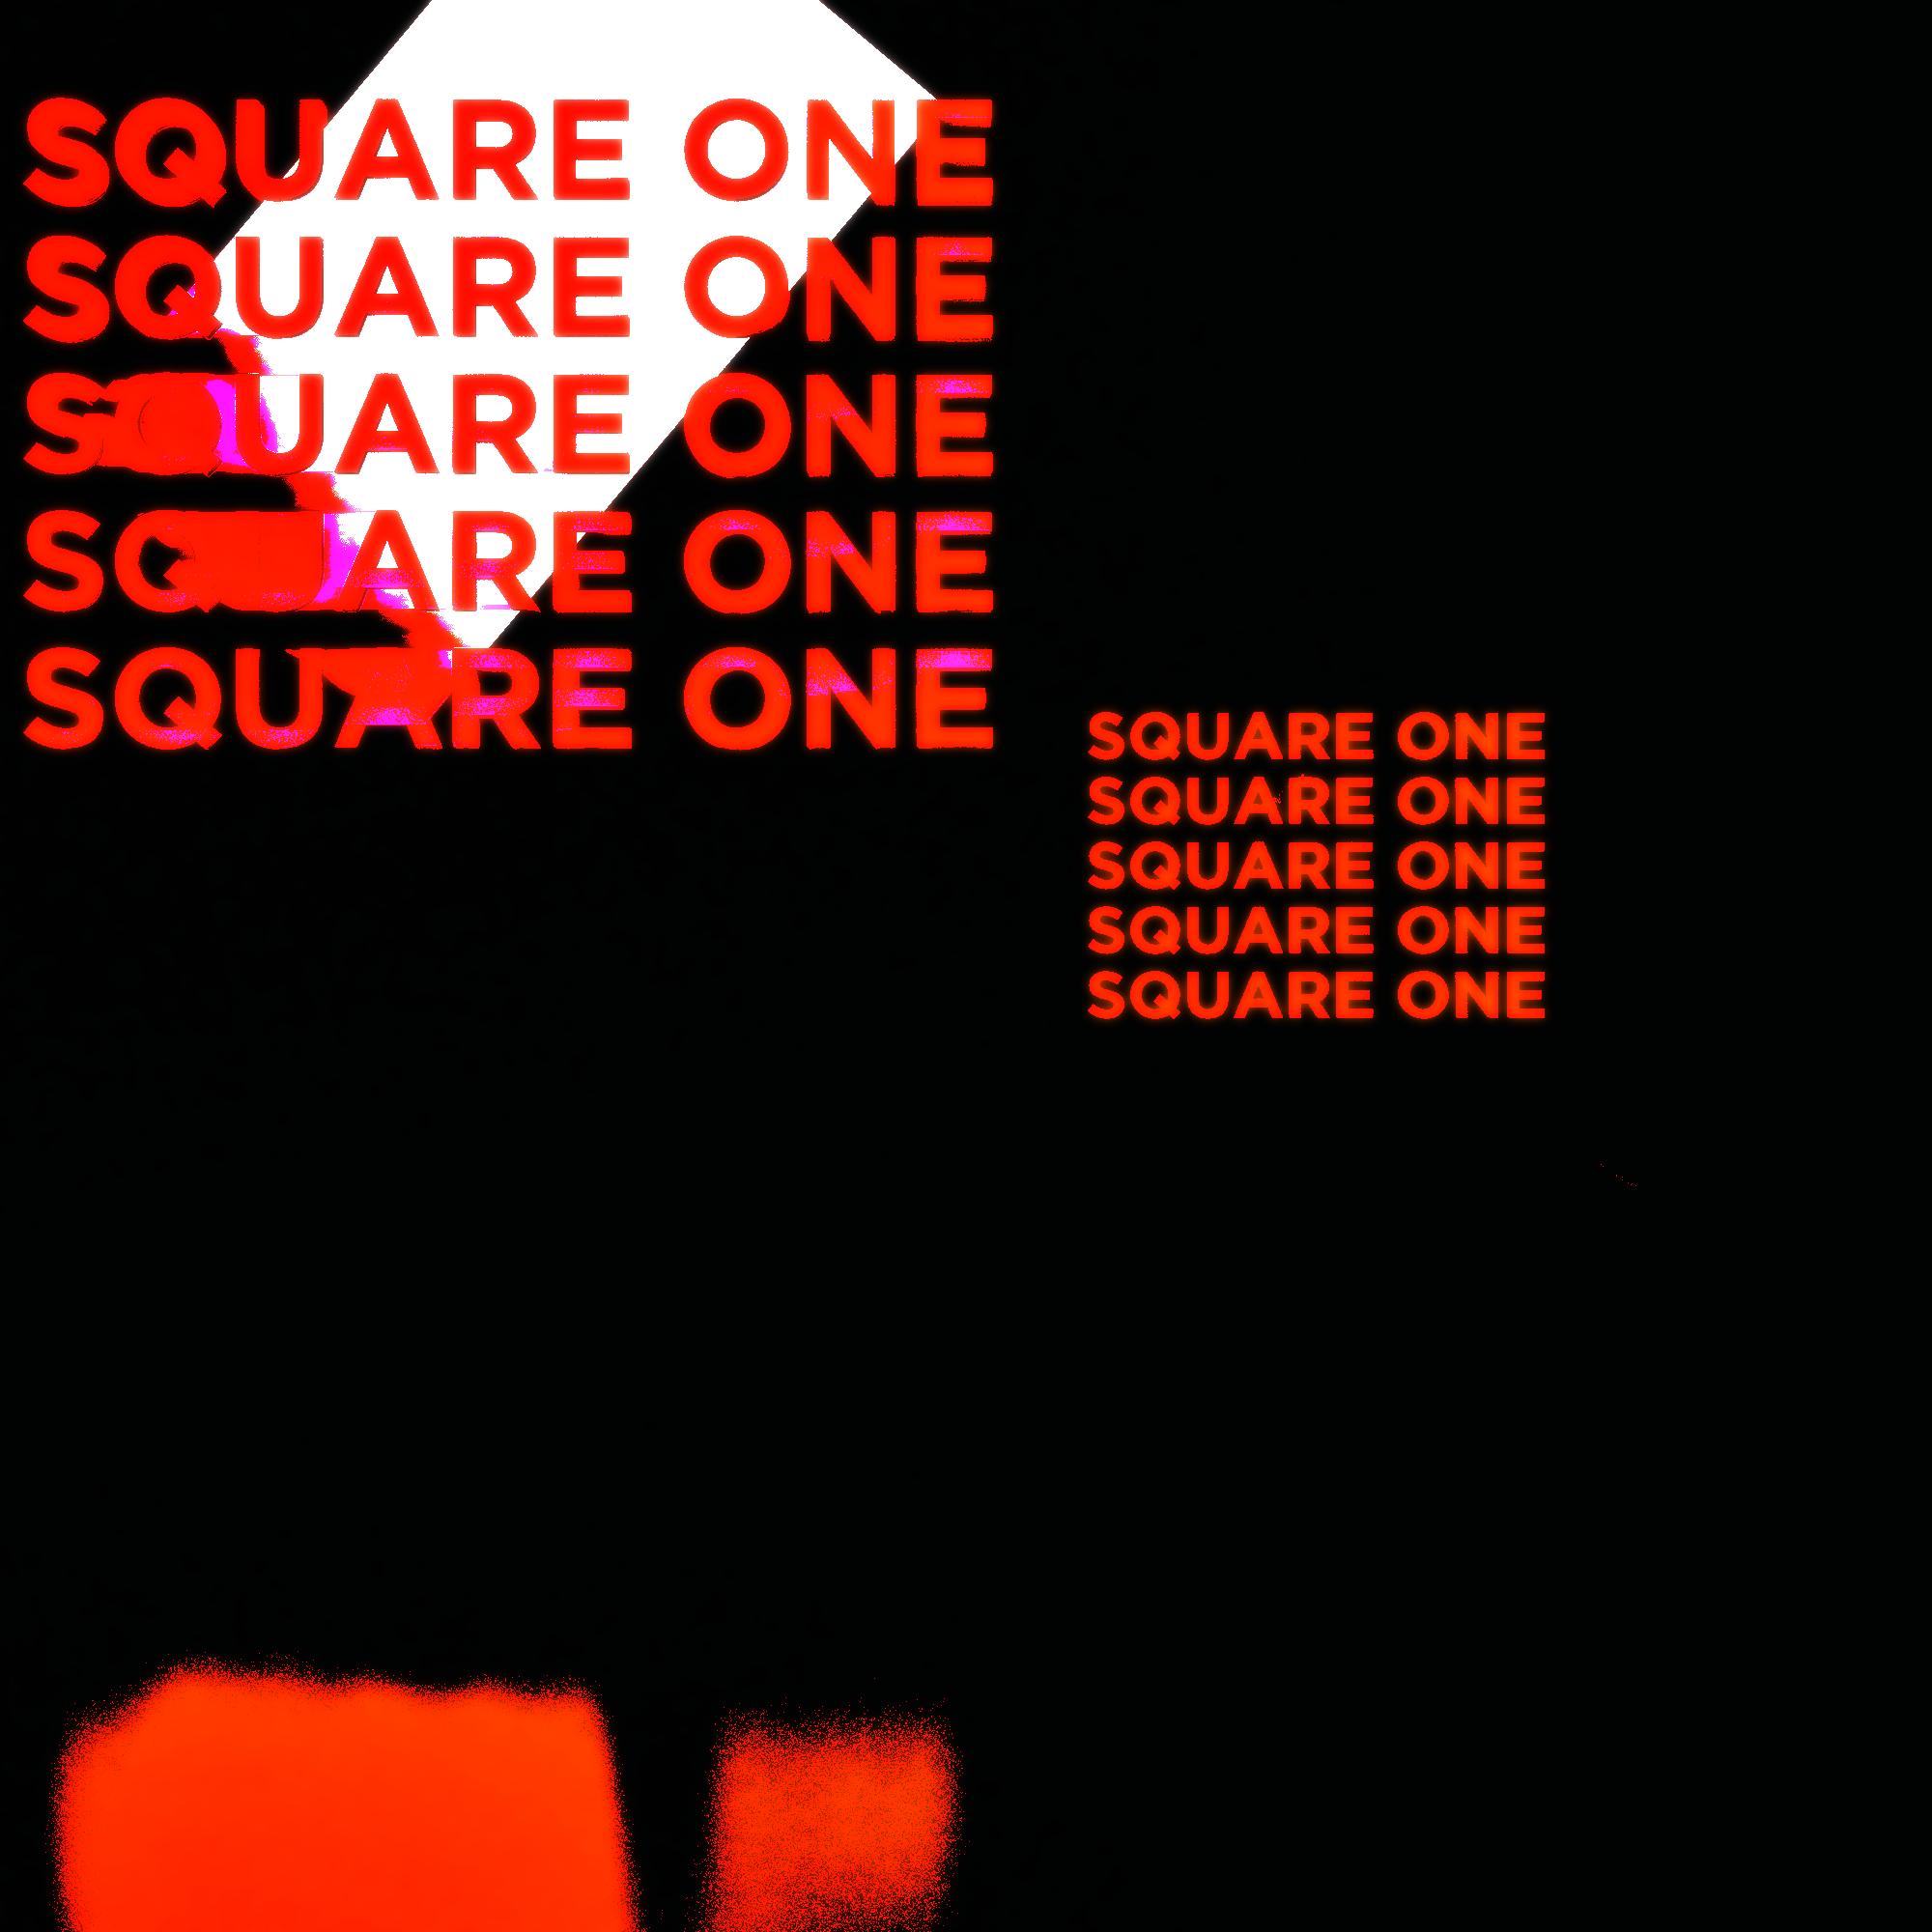 Squared/ - 28-08-18